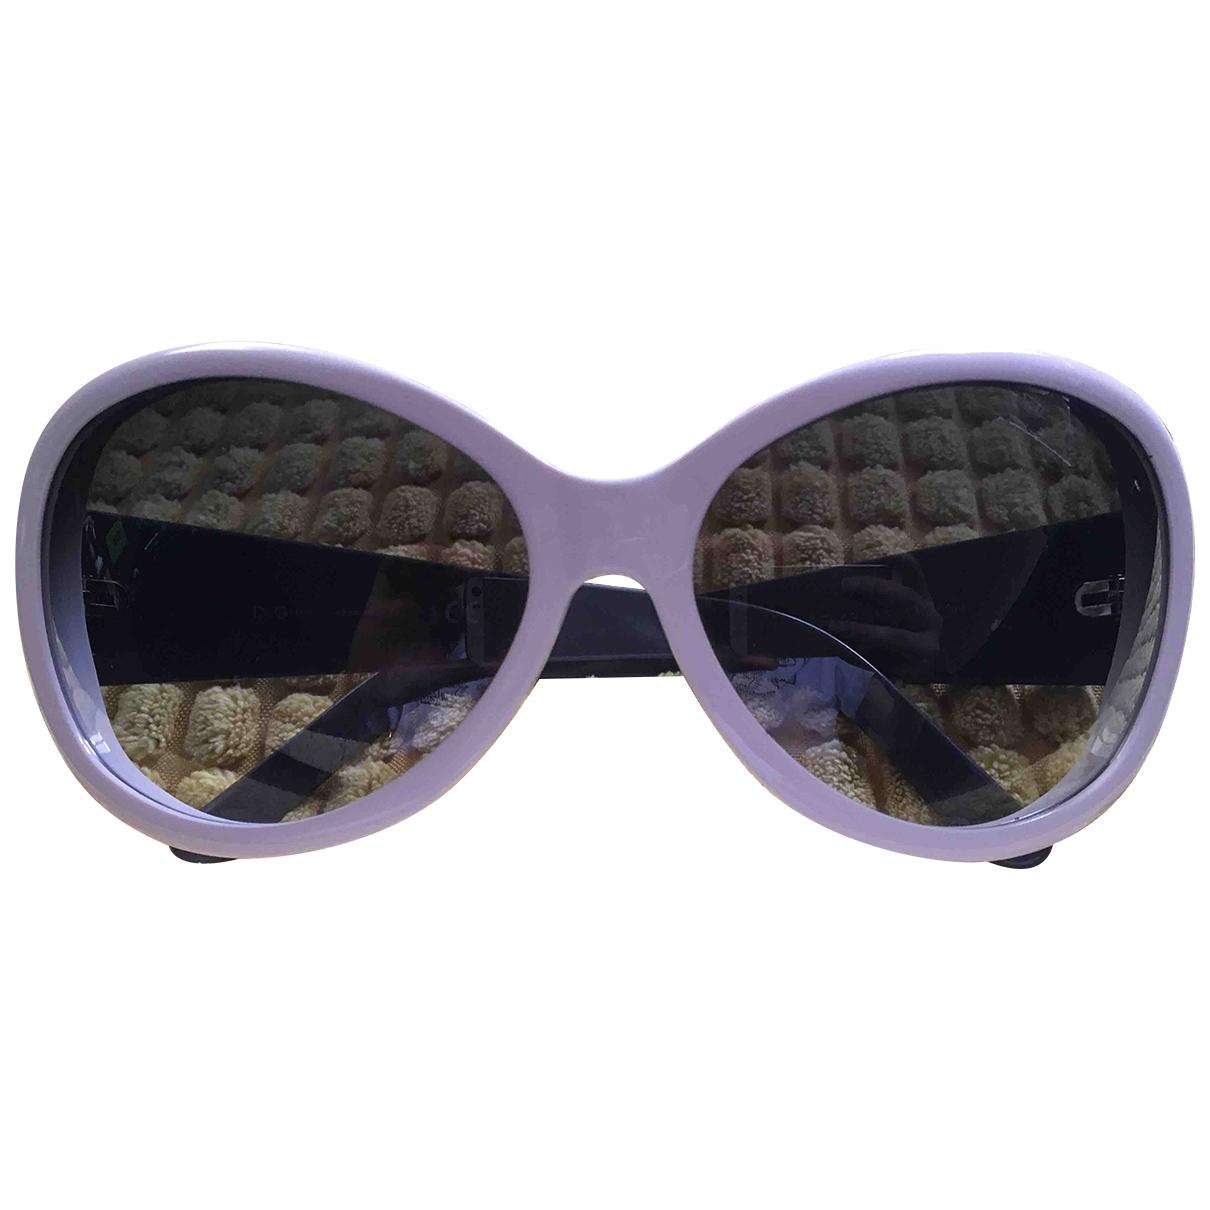 D&g \N White Sunglasses for Women \N